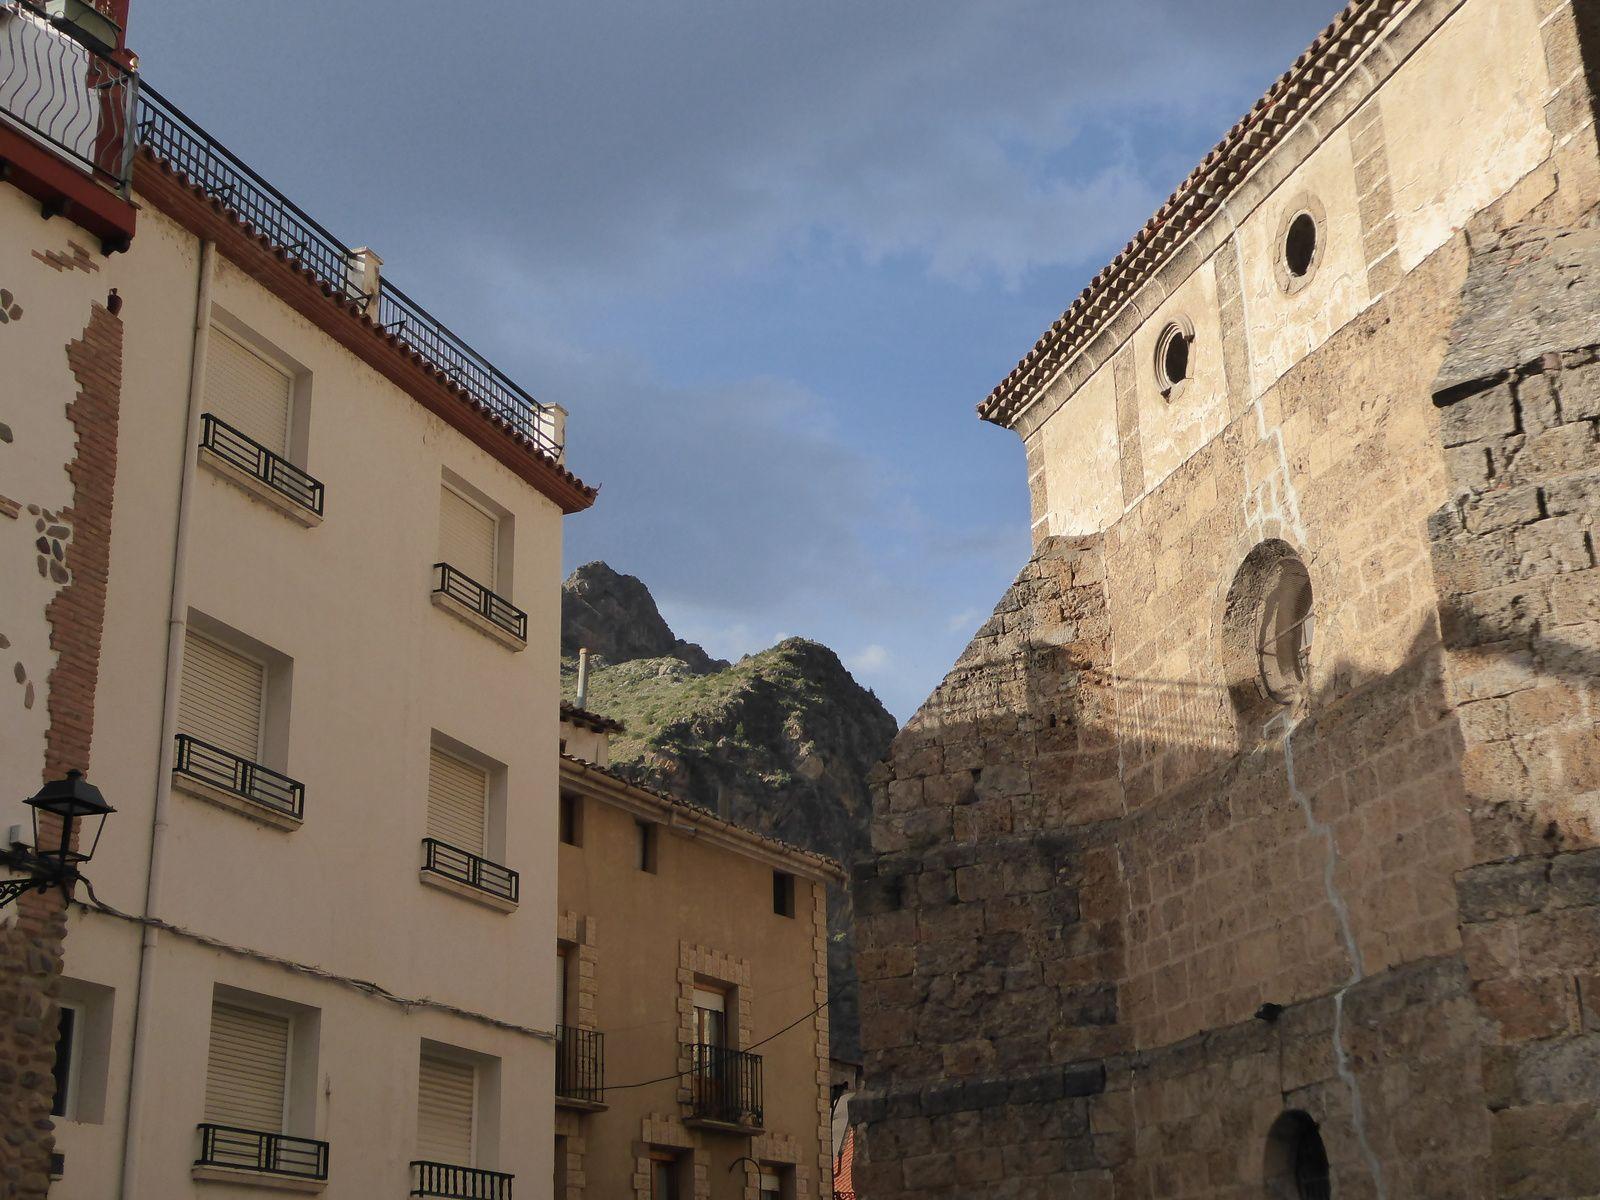 Espagne 2019 #10 Arnedillo et traces de dino près d'Enciso